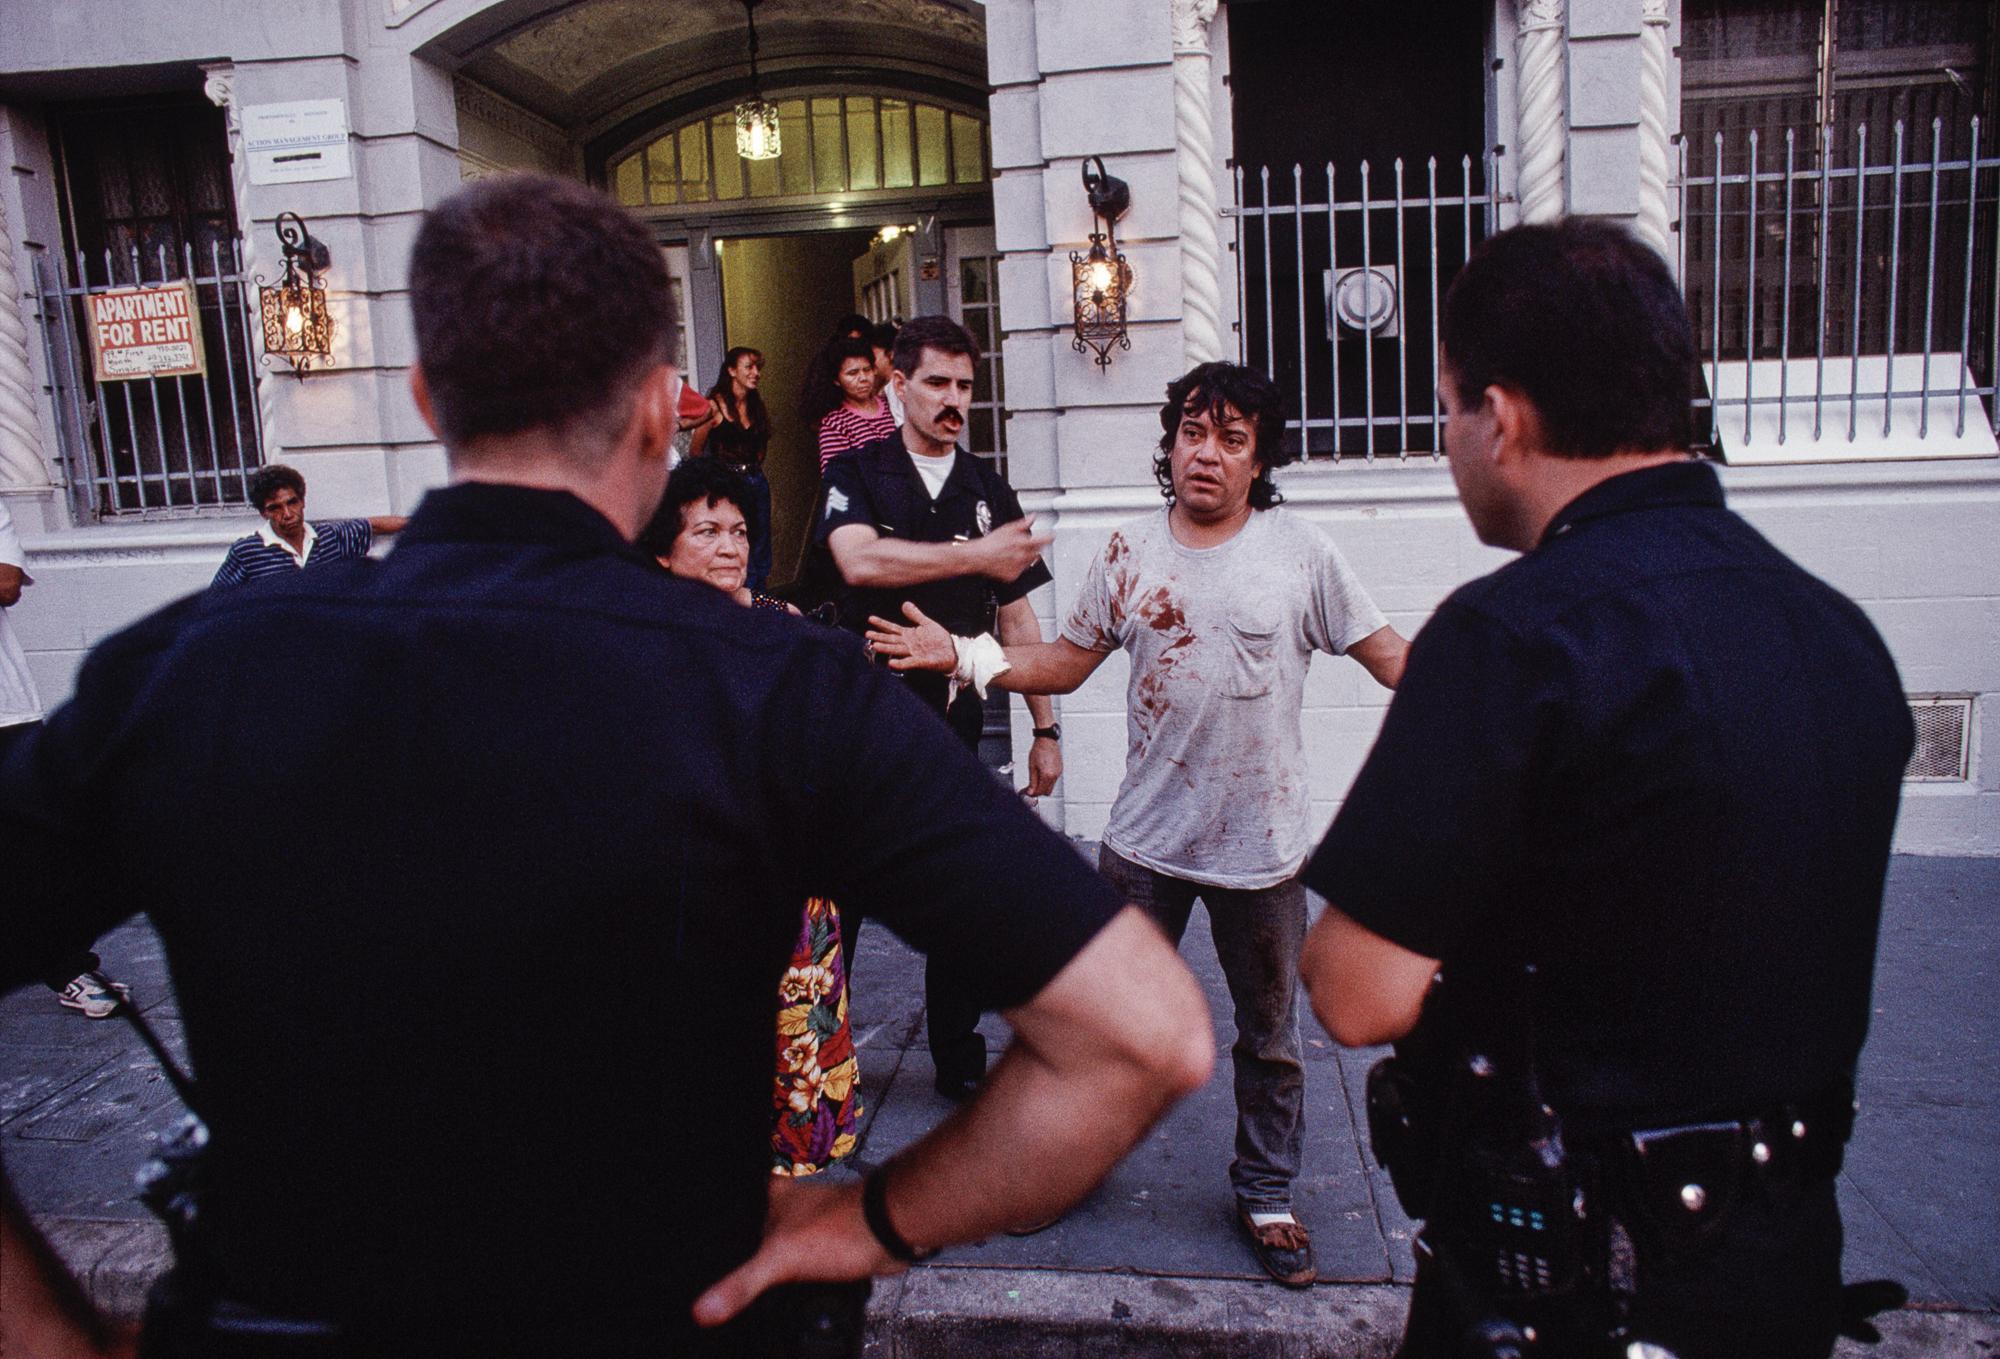 Joseph Rodríguez: LAPD 1994